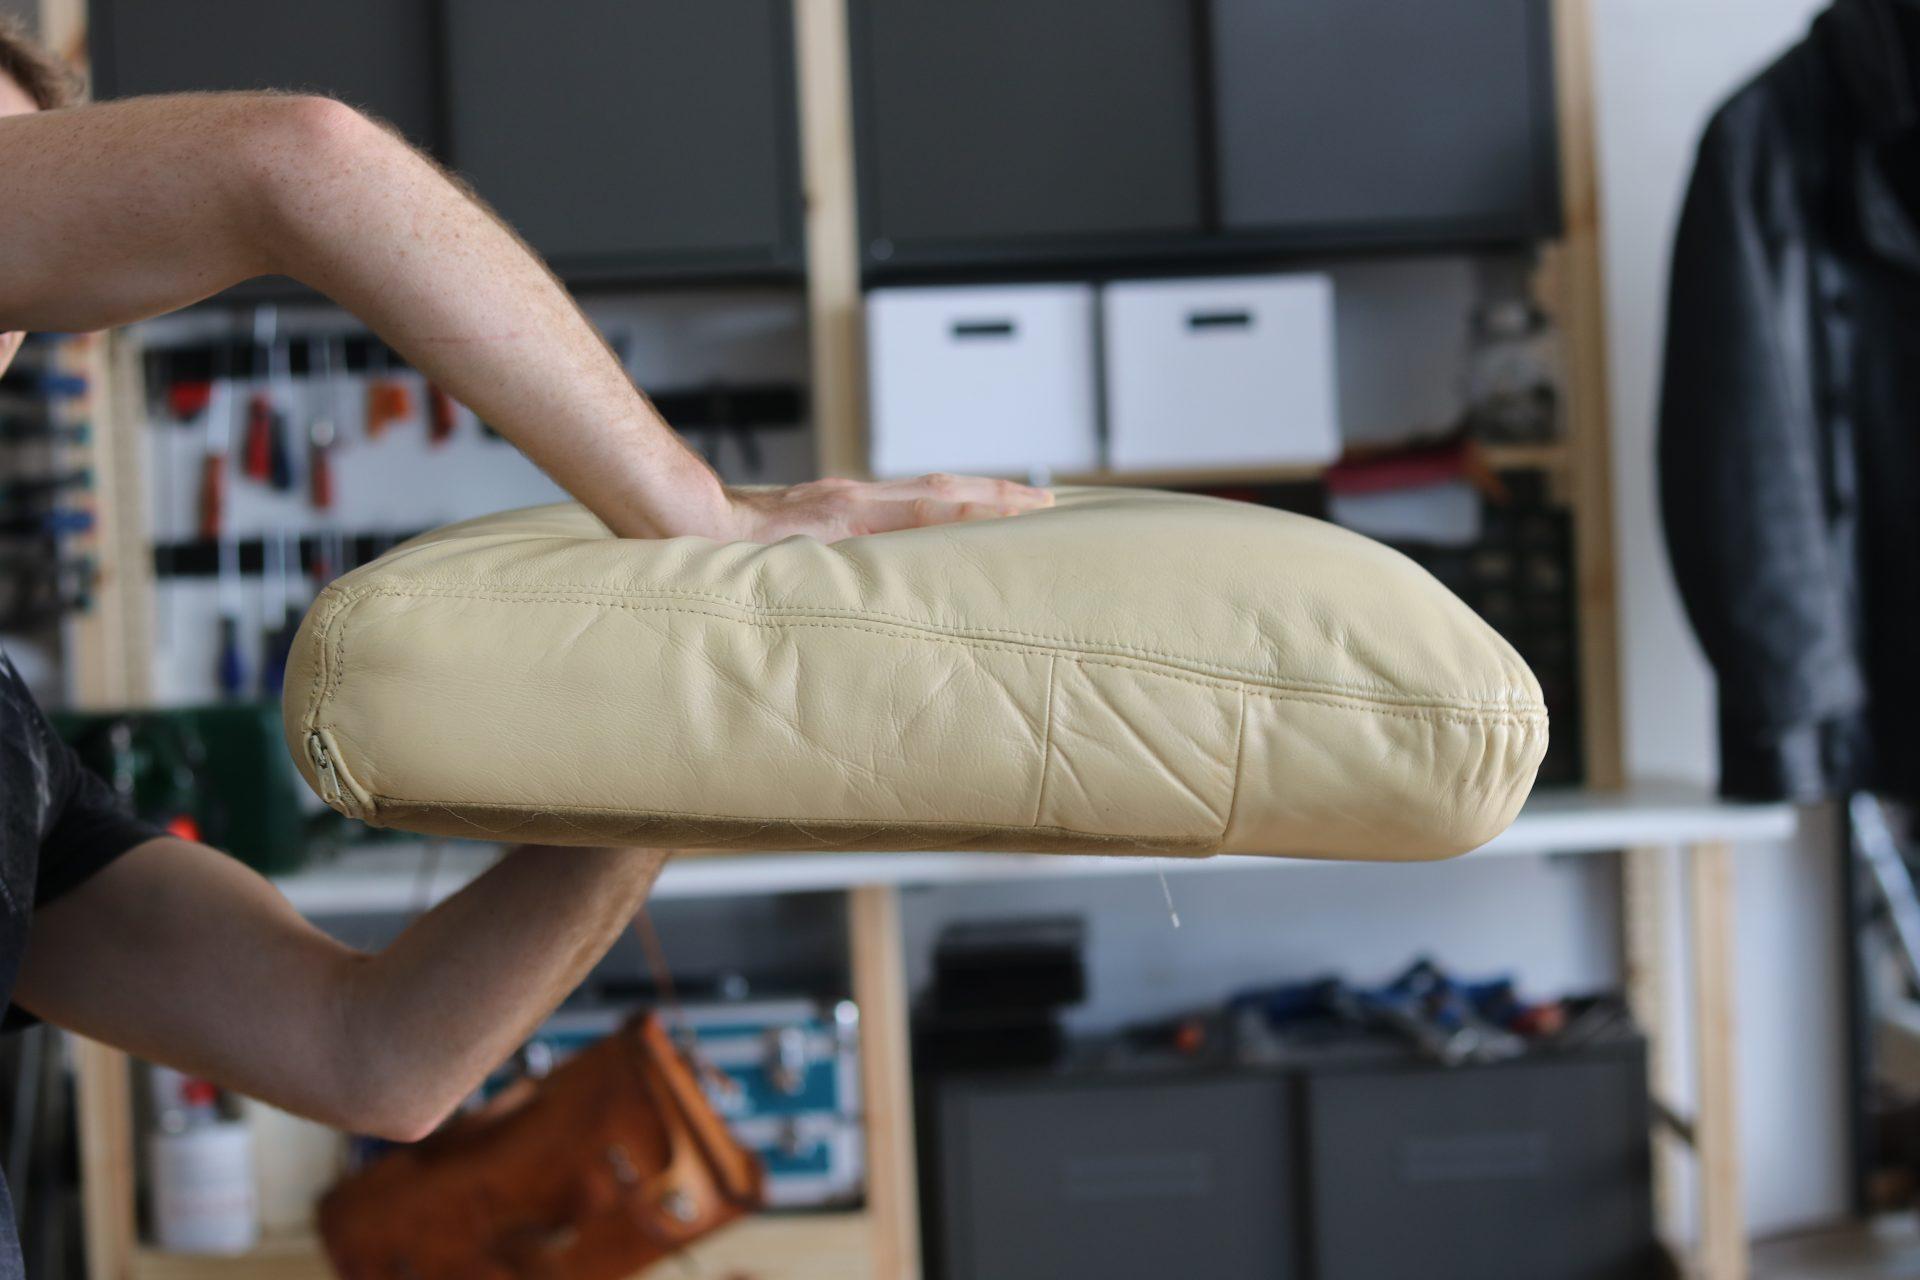 astuce pour choisir la résilience d'une mousse sur canapé en cuir